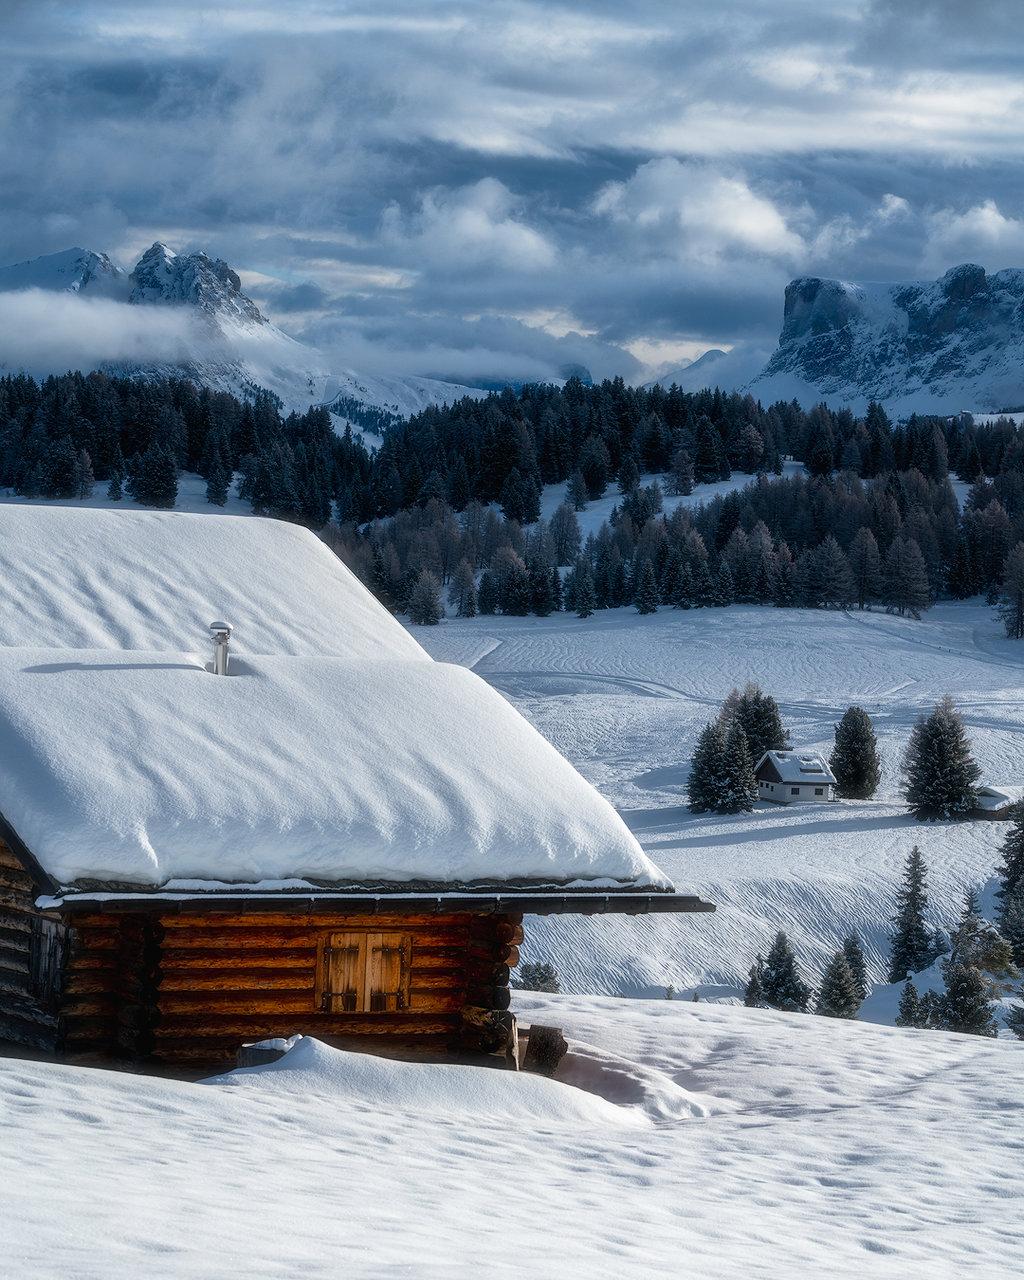 Winter Wonderland | Author wallburn | PHOTO FORUM